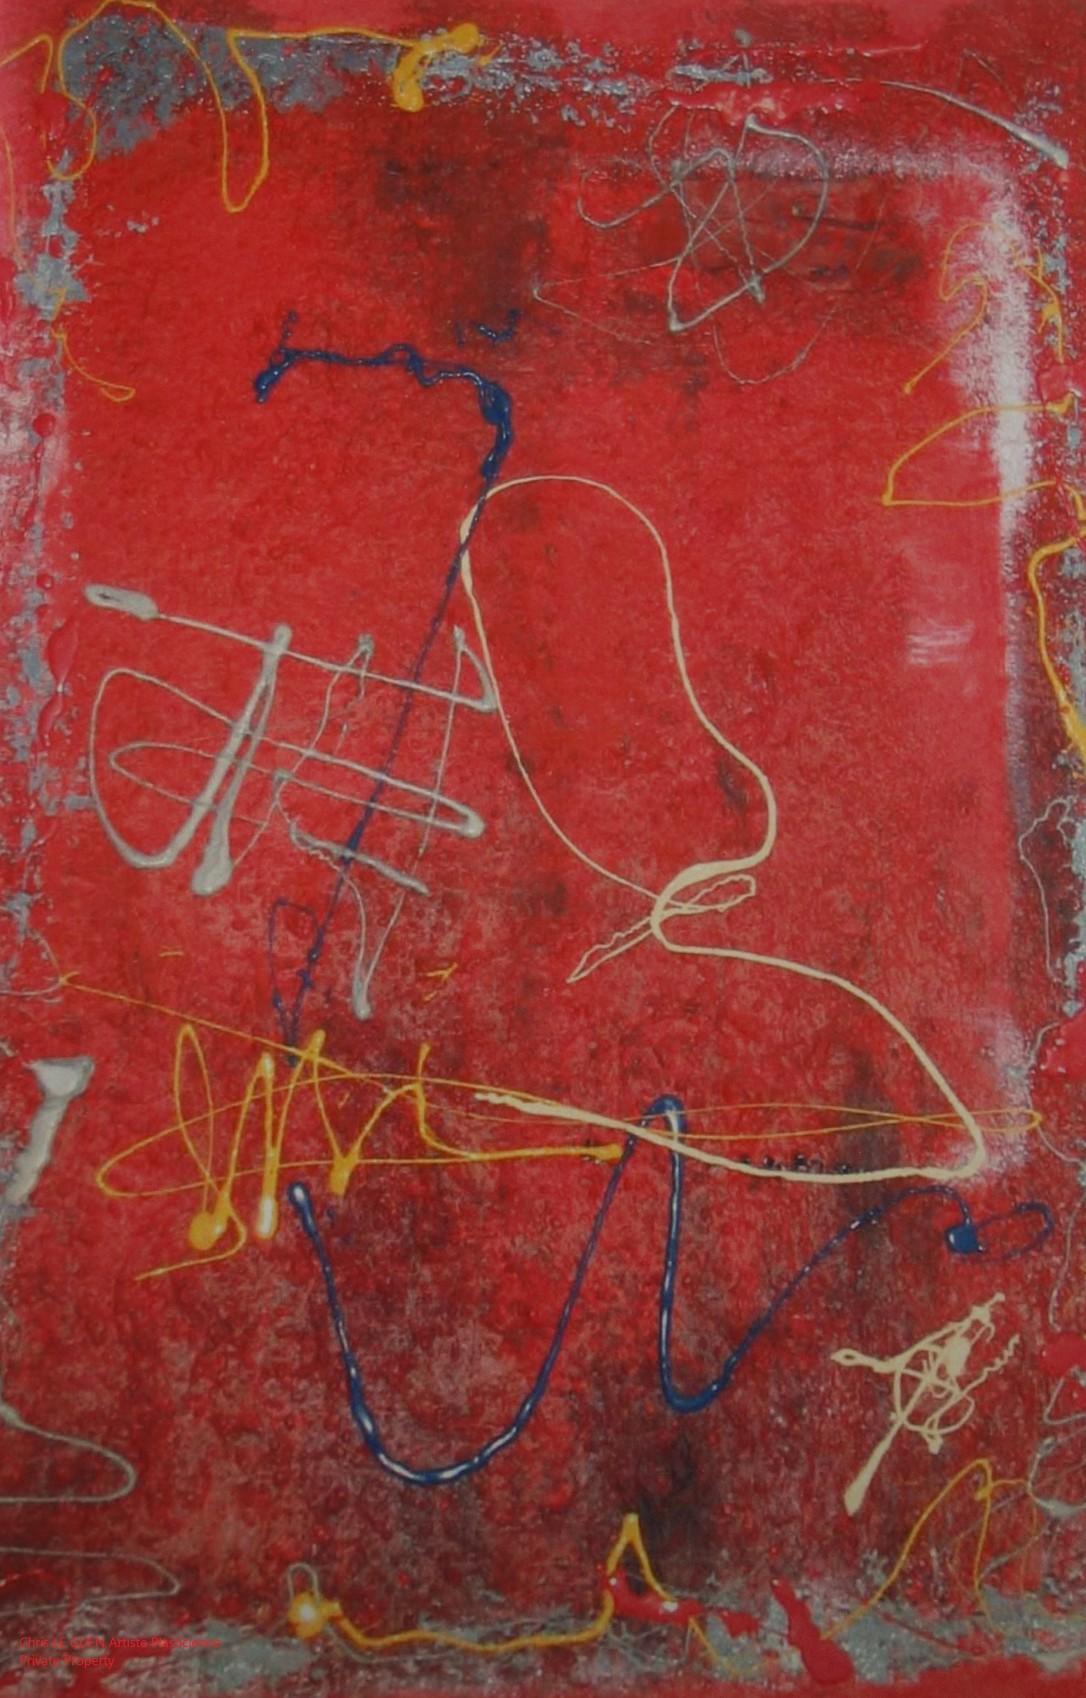 Chris Le Guen Artiste Plasticienne Peintre et Sculptrice peint N°5